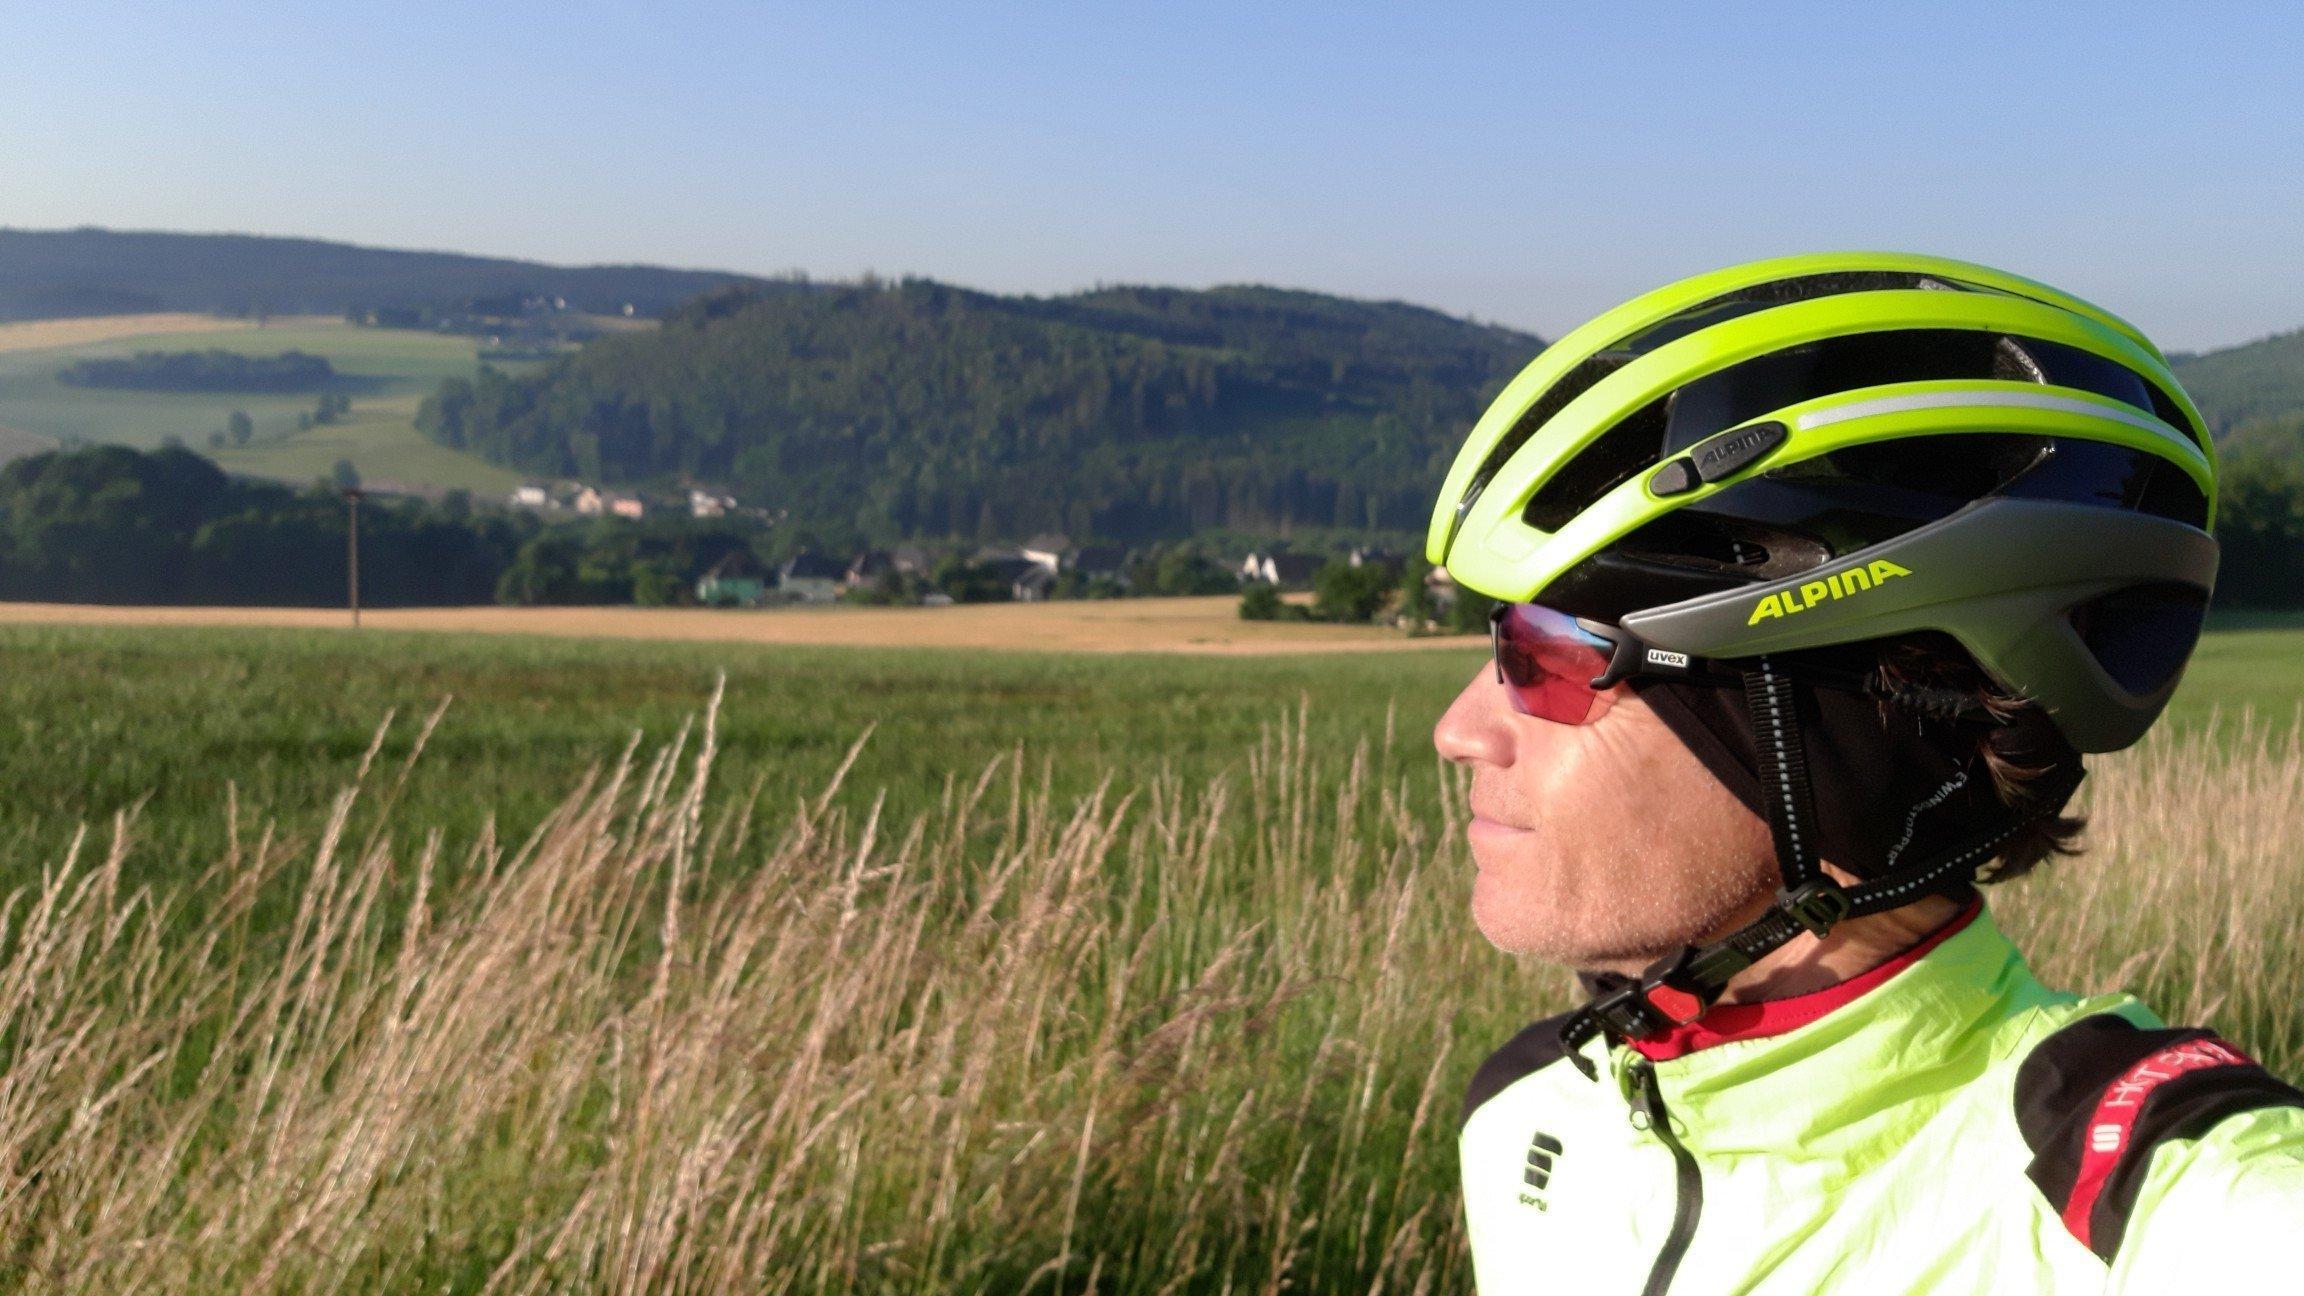 Seitenporträt des RadelndenReporters mit Radhelm.